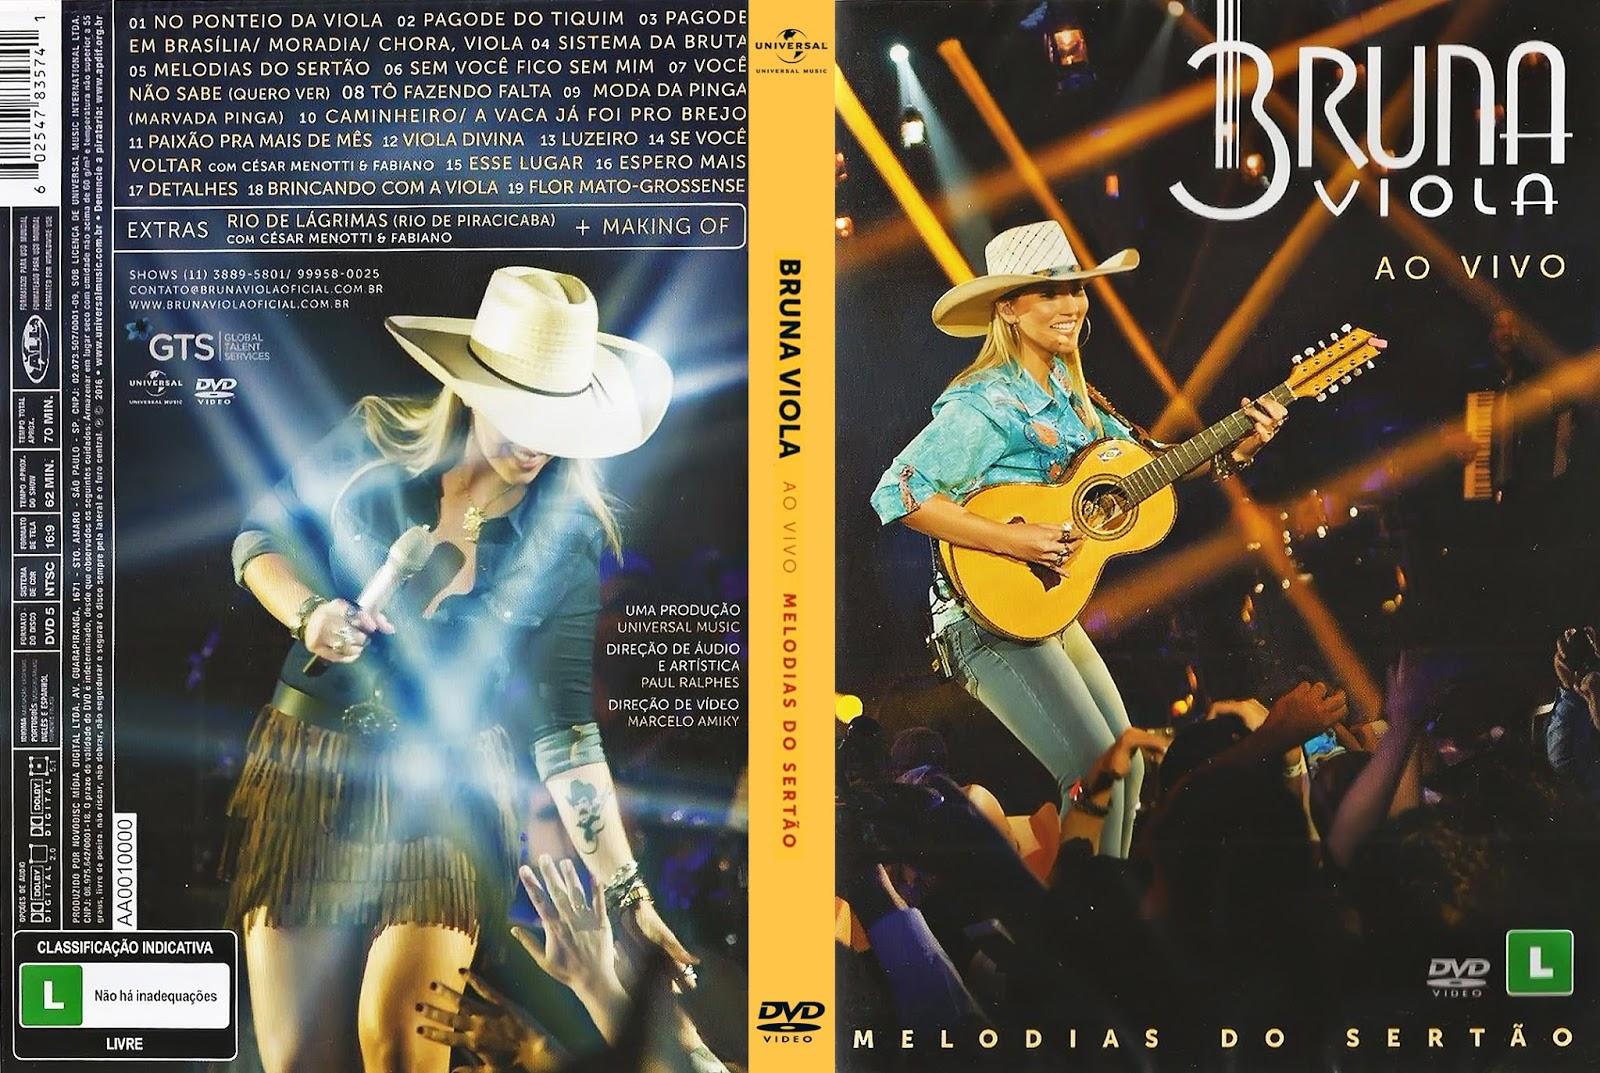 Bruna Viola Melodias do Sertão Ao Vivo DVD-R Bruna 2BViola 2B  2BMelodias 2BDo 2BSert 25C3 25A3o